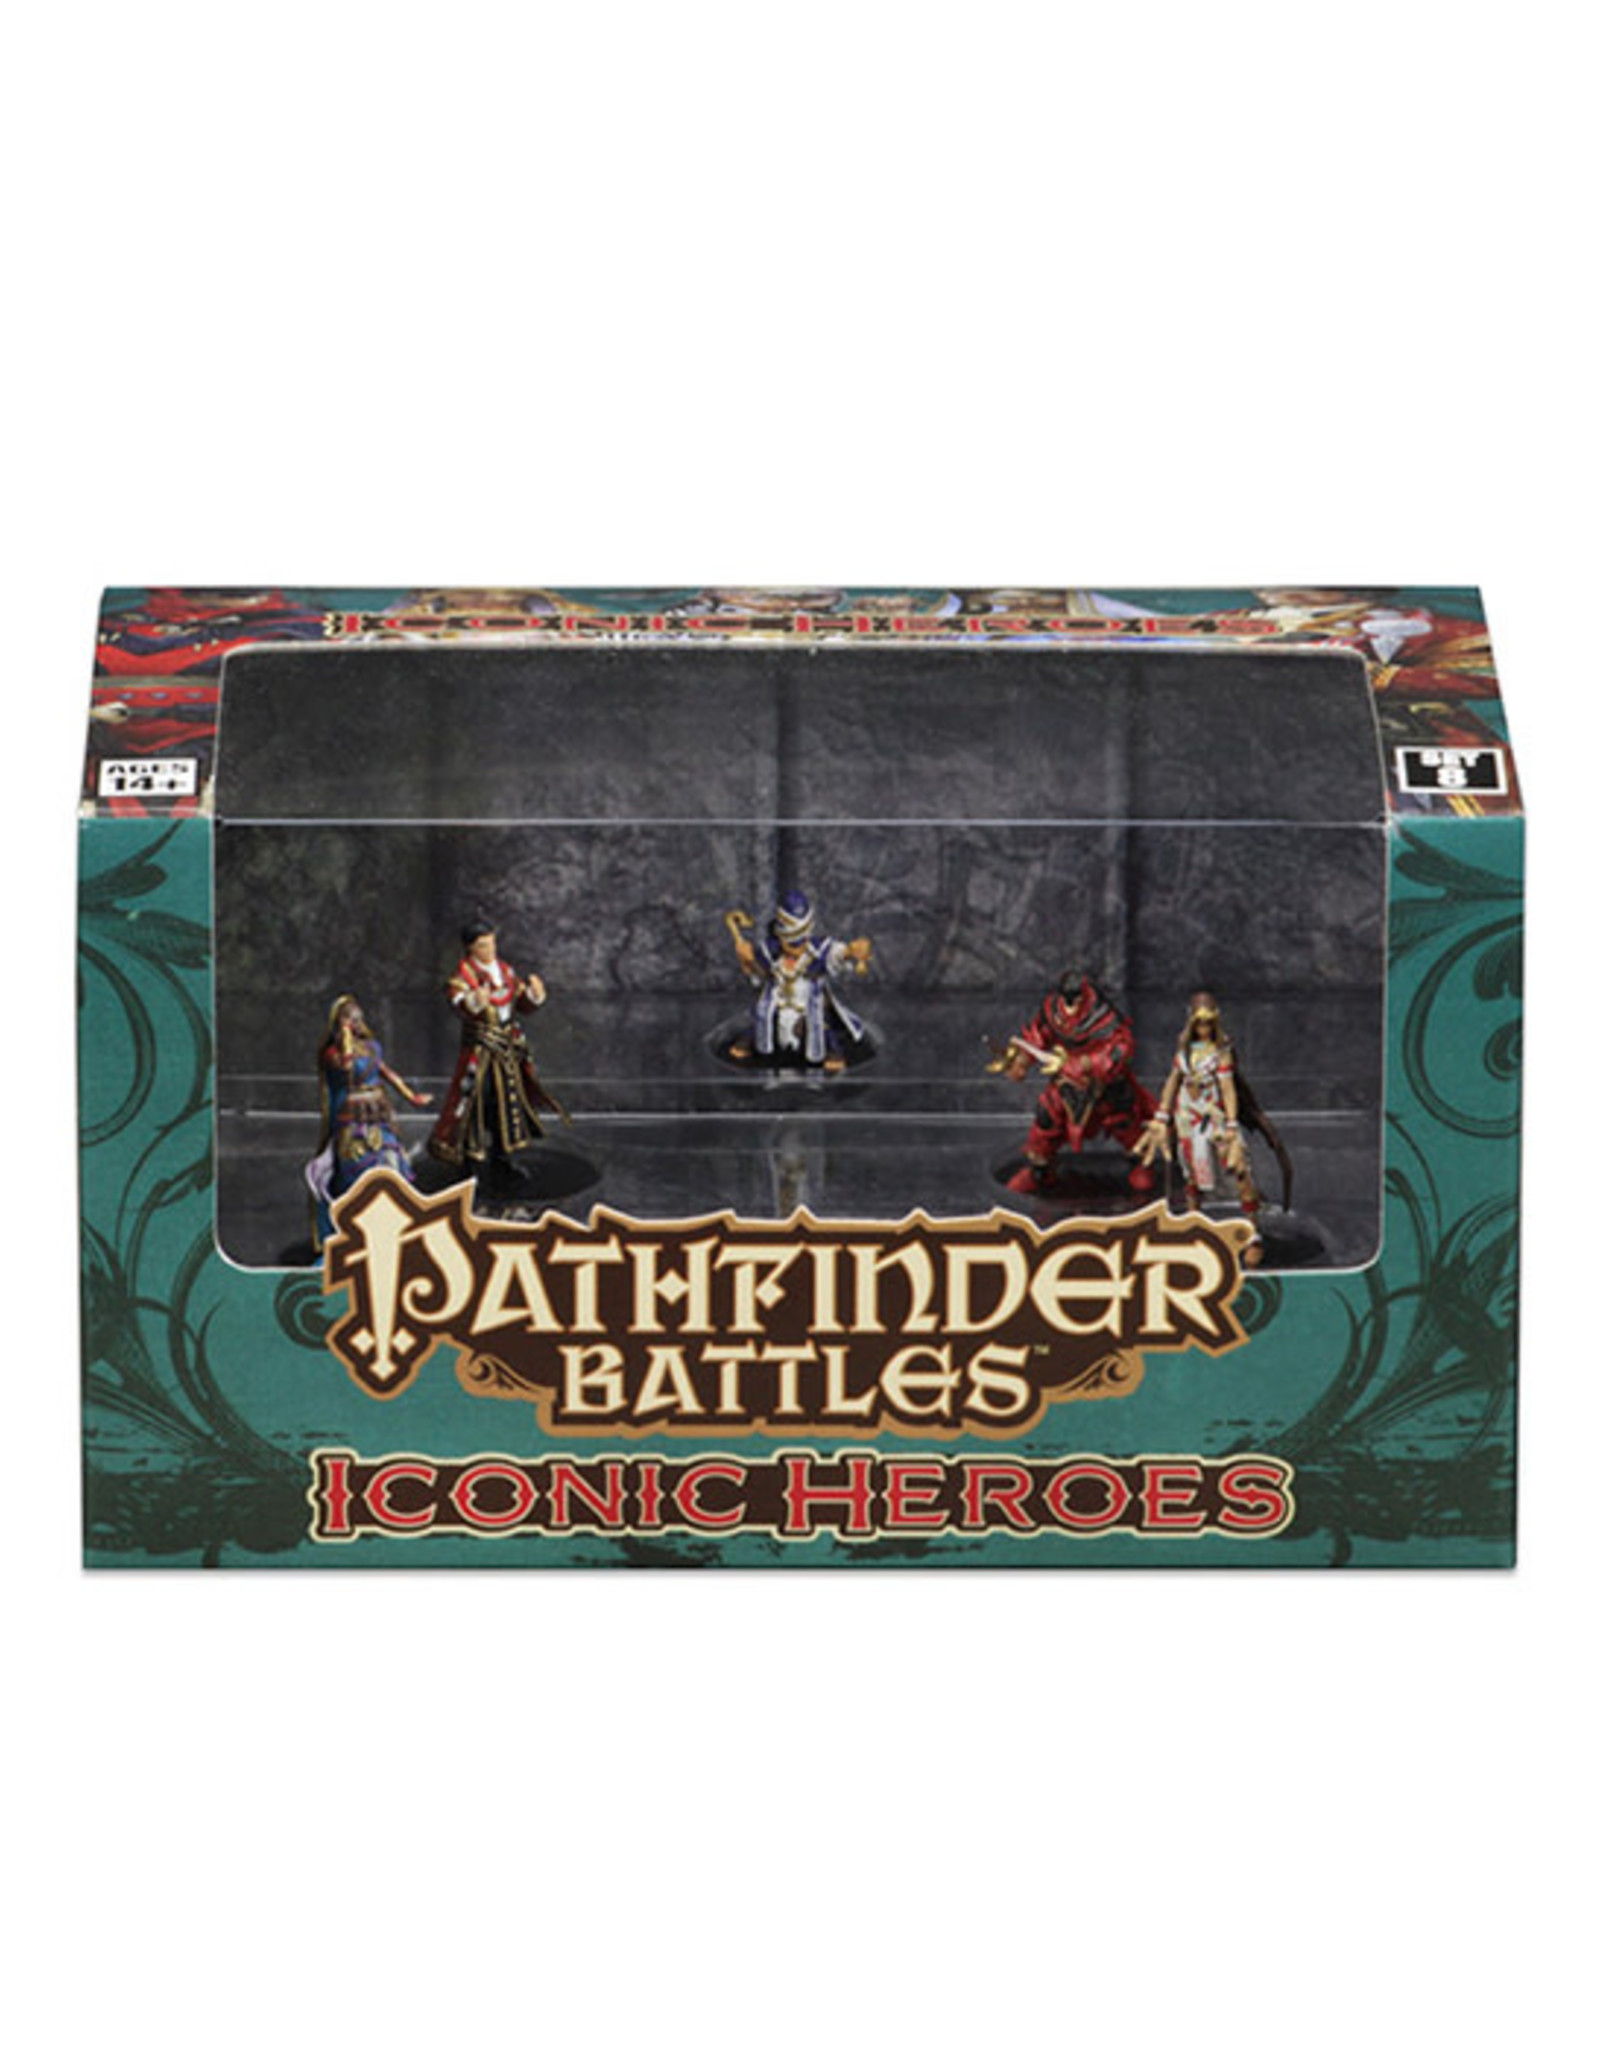 Pathfinder Pathfinder Battles: Iconic Heroes - Box Set 8